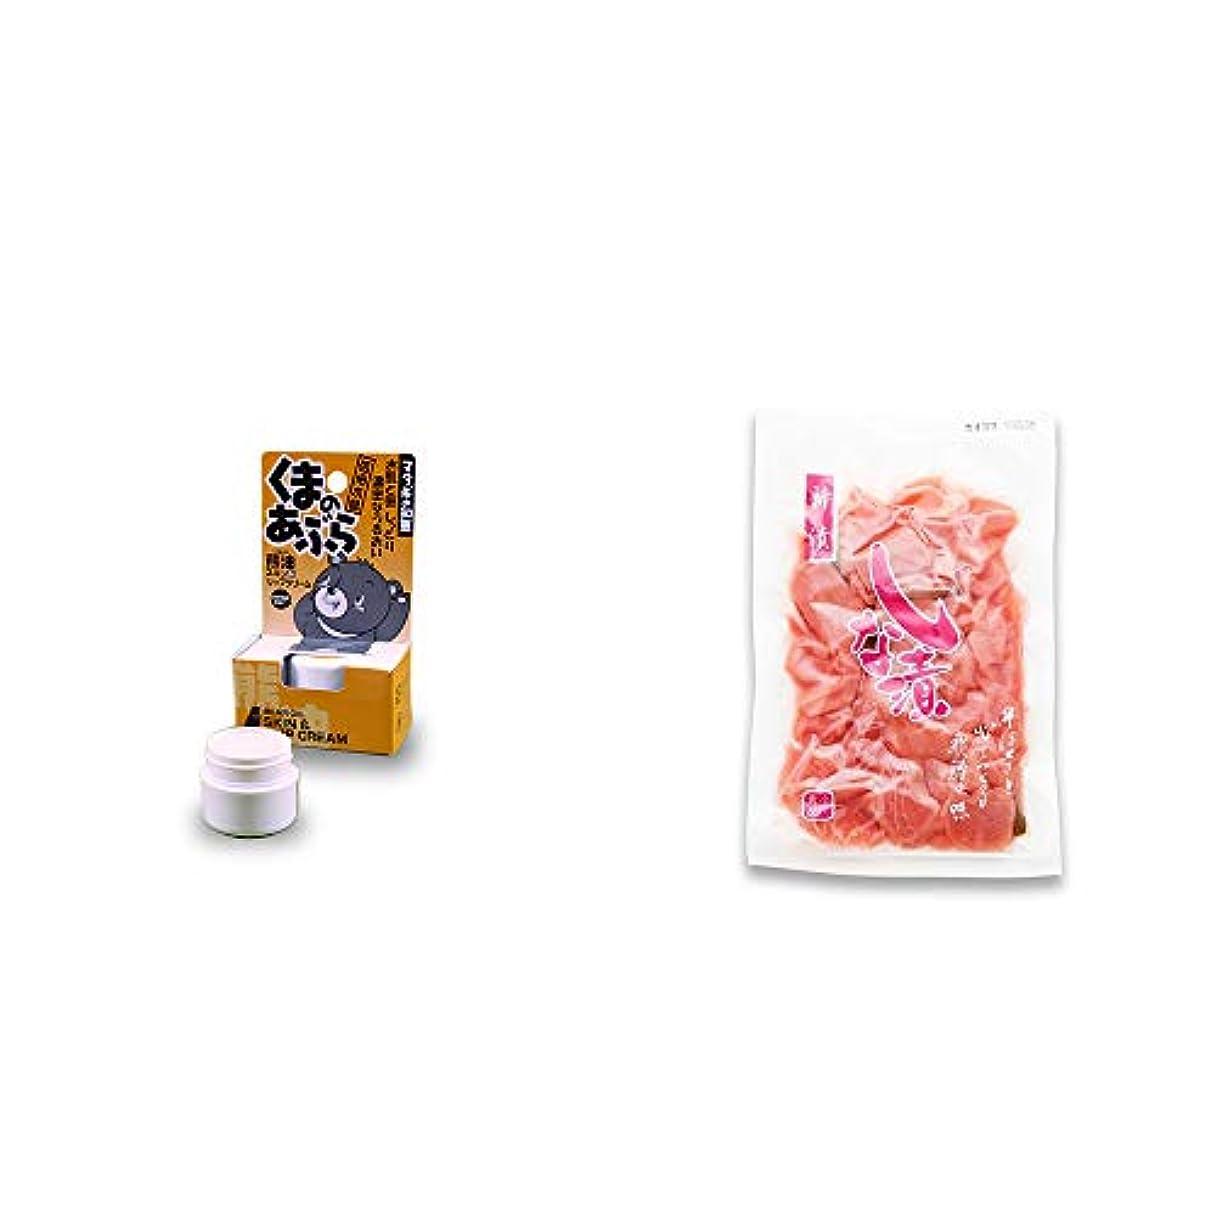 仲良し方向ダイヤル[2点セット] 信州木曽 くまのあぶら 熊油スキン&リップクリーム(9g)?しな漬け(160g)